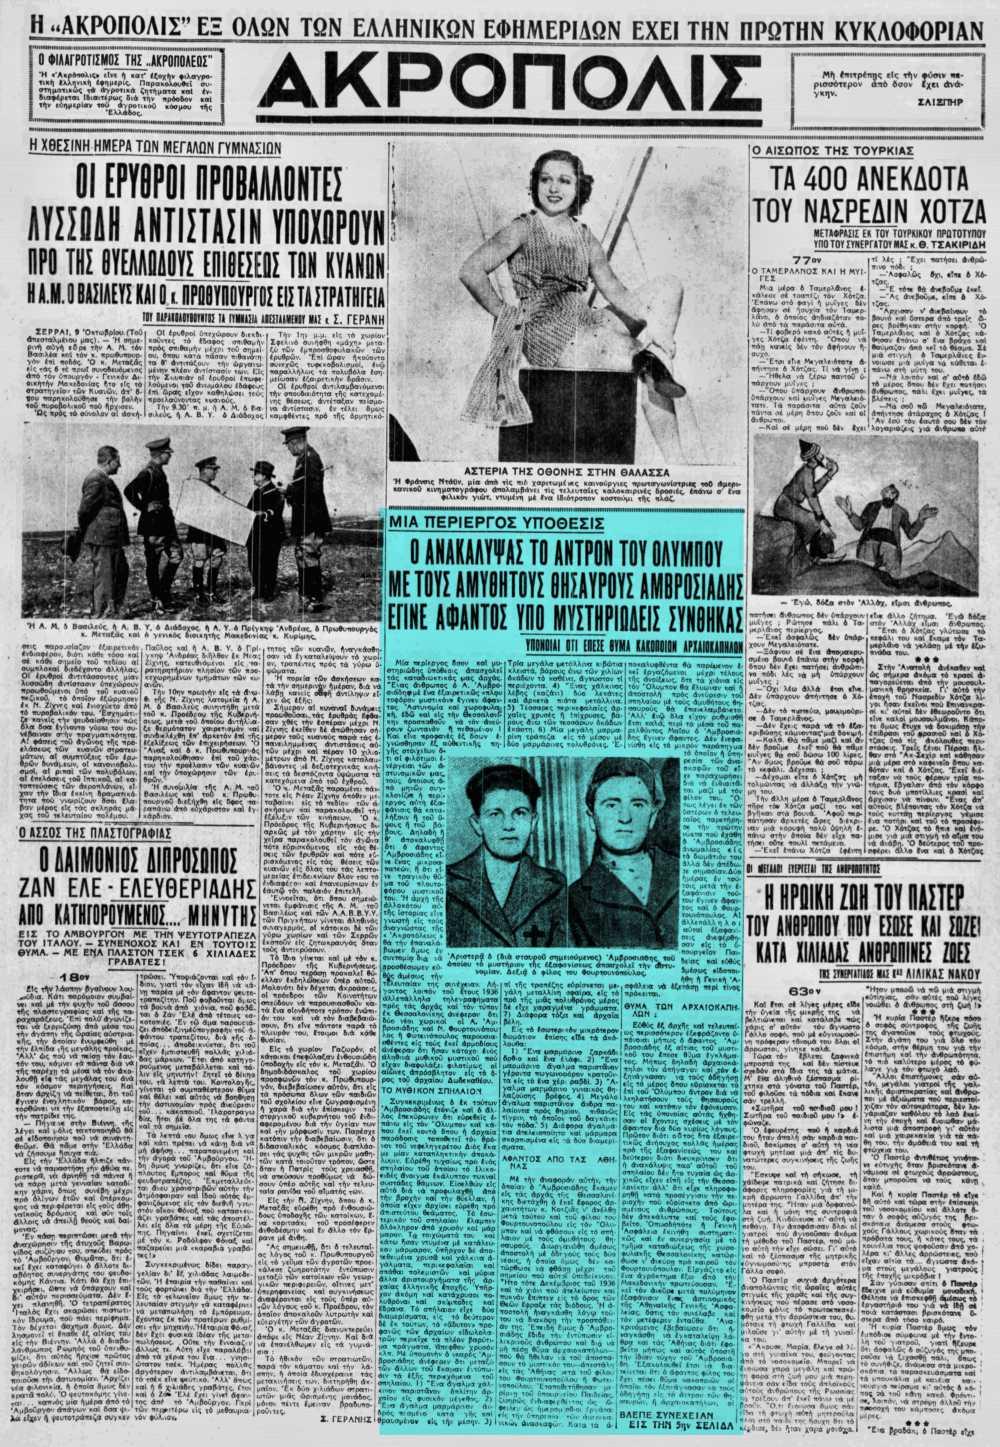 """Το άρθρο, όπως δημοσιεύθηκε στην εφημερίδα """"ΑΚΡΟΠΟΛΙΣ"""", στις 10/10/1937"""